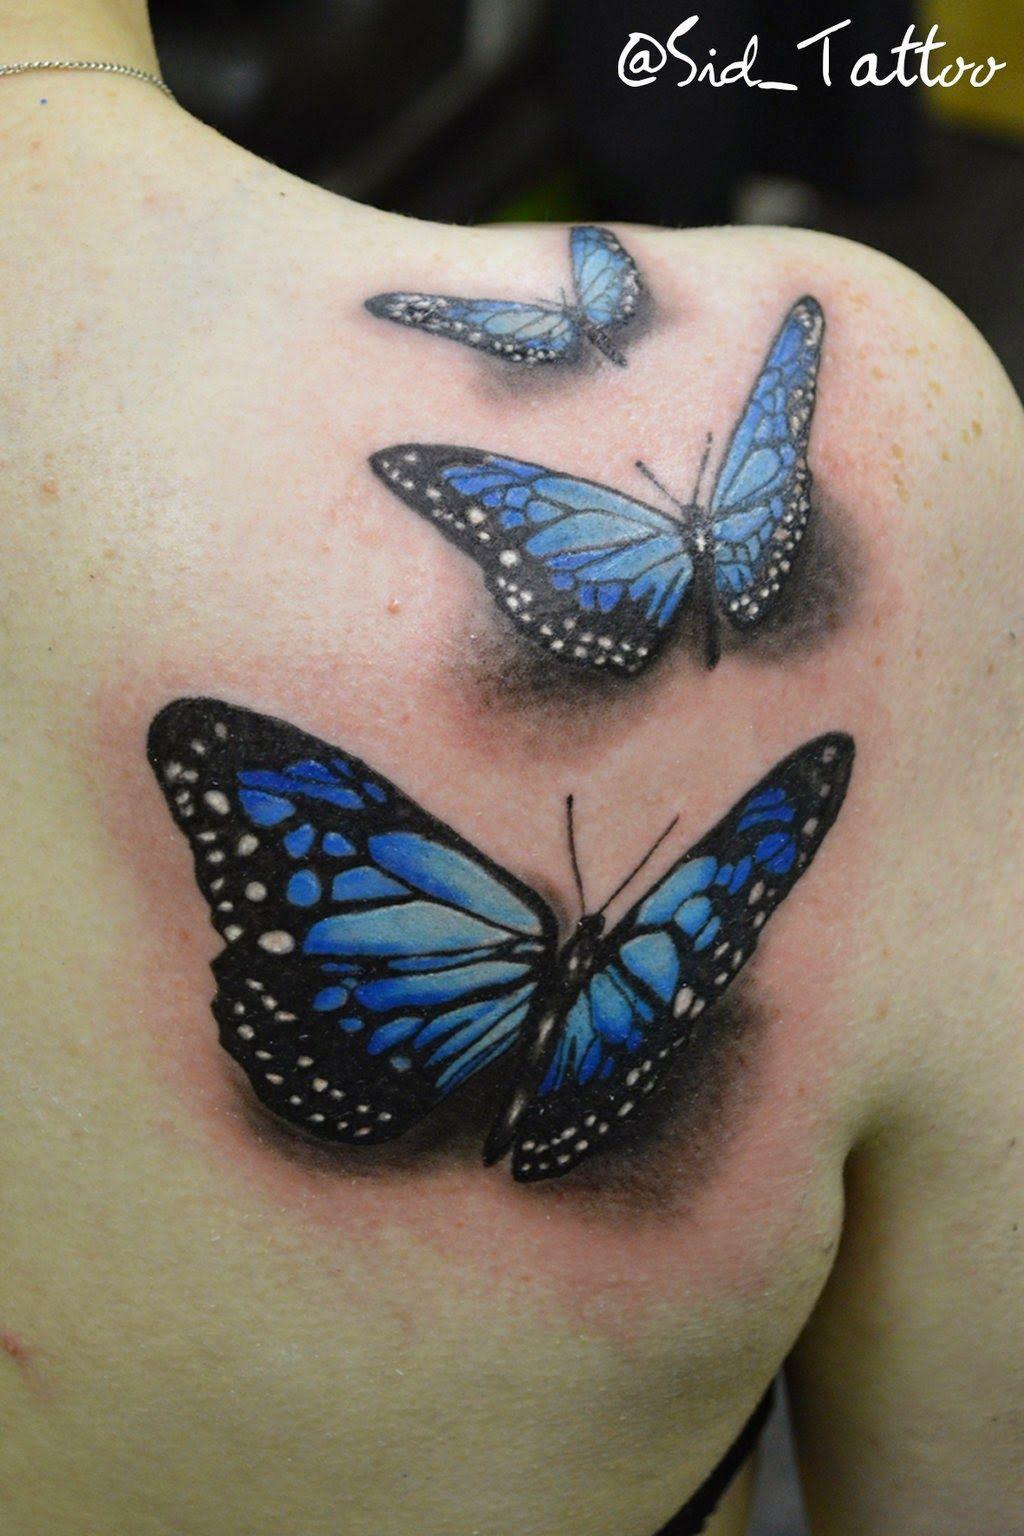 Tatuajes De Mariposas Y Su Significado Mariposa Tatuaje Tatuaje De Mariposa En La Muneca Tatuajes De Mariposas En La Espalda